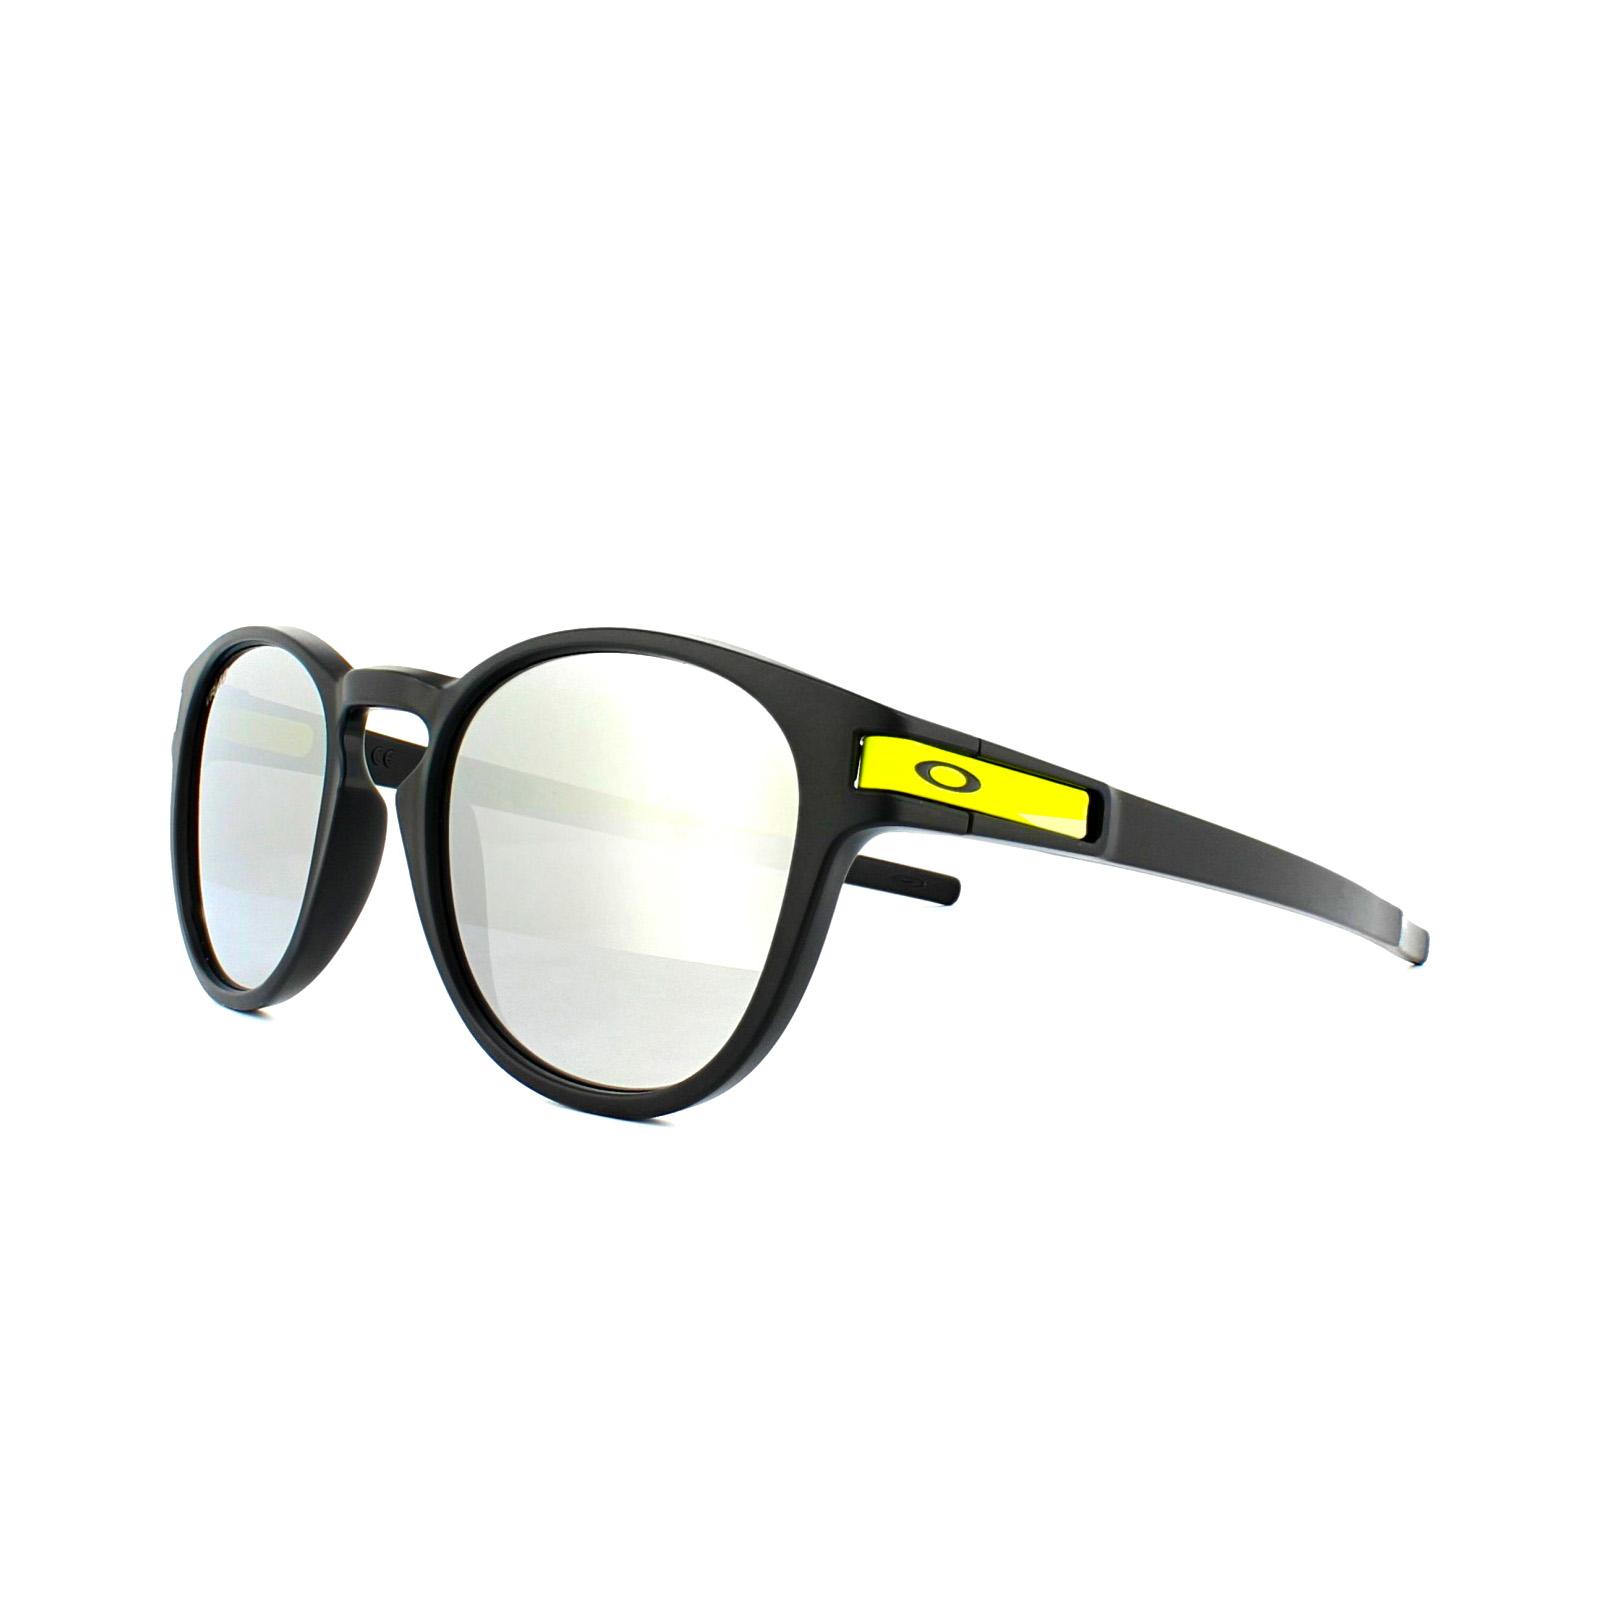 Oakley Herren Sonnenbrille »LATCH OO9265«, schwarz, 926521 - schwarz/grau